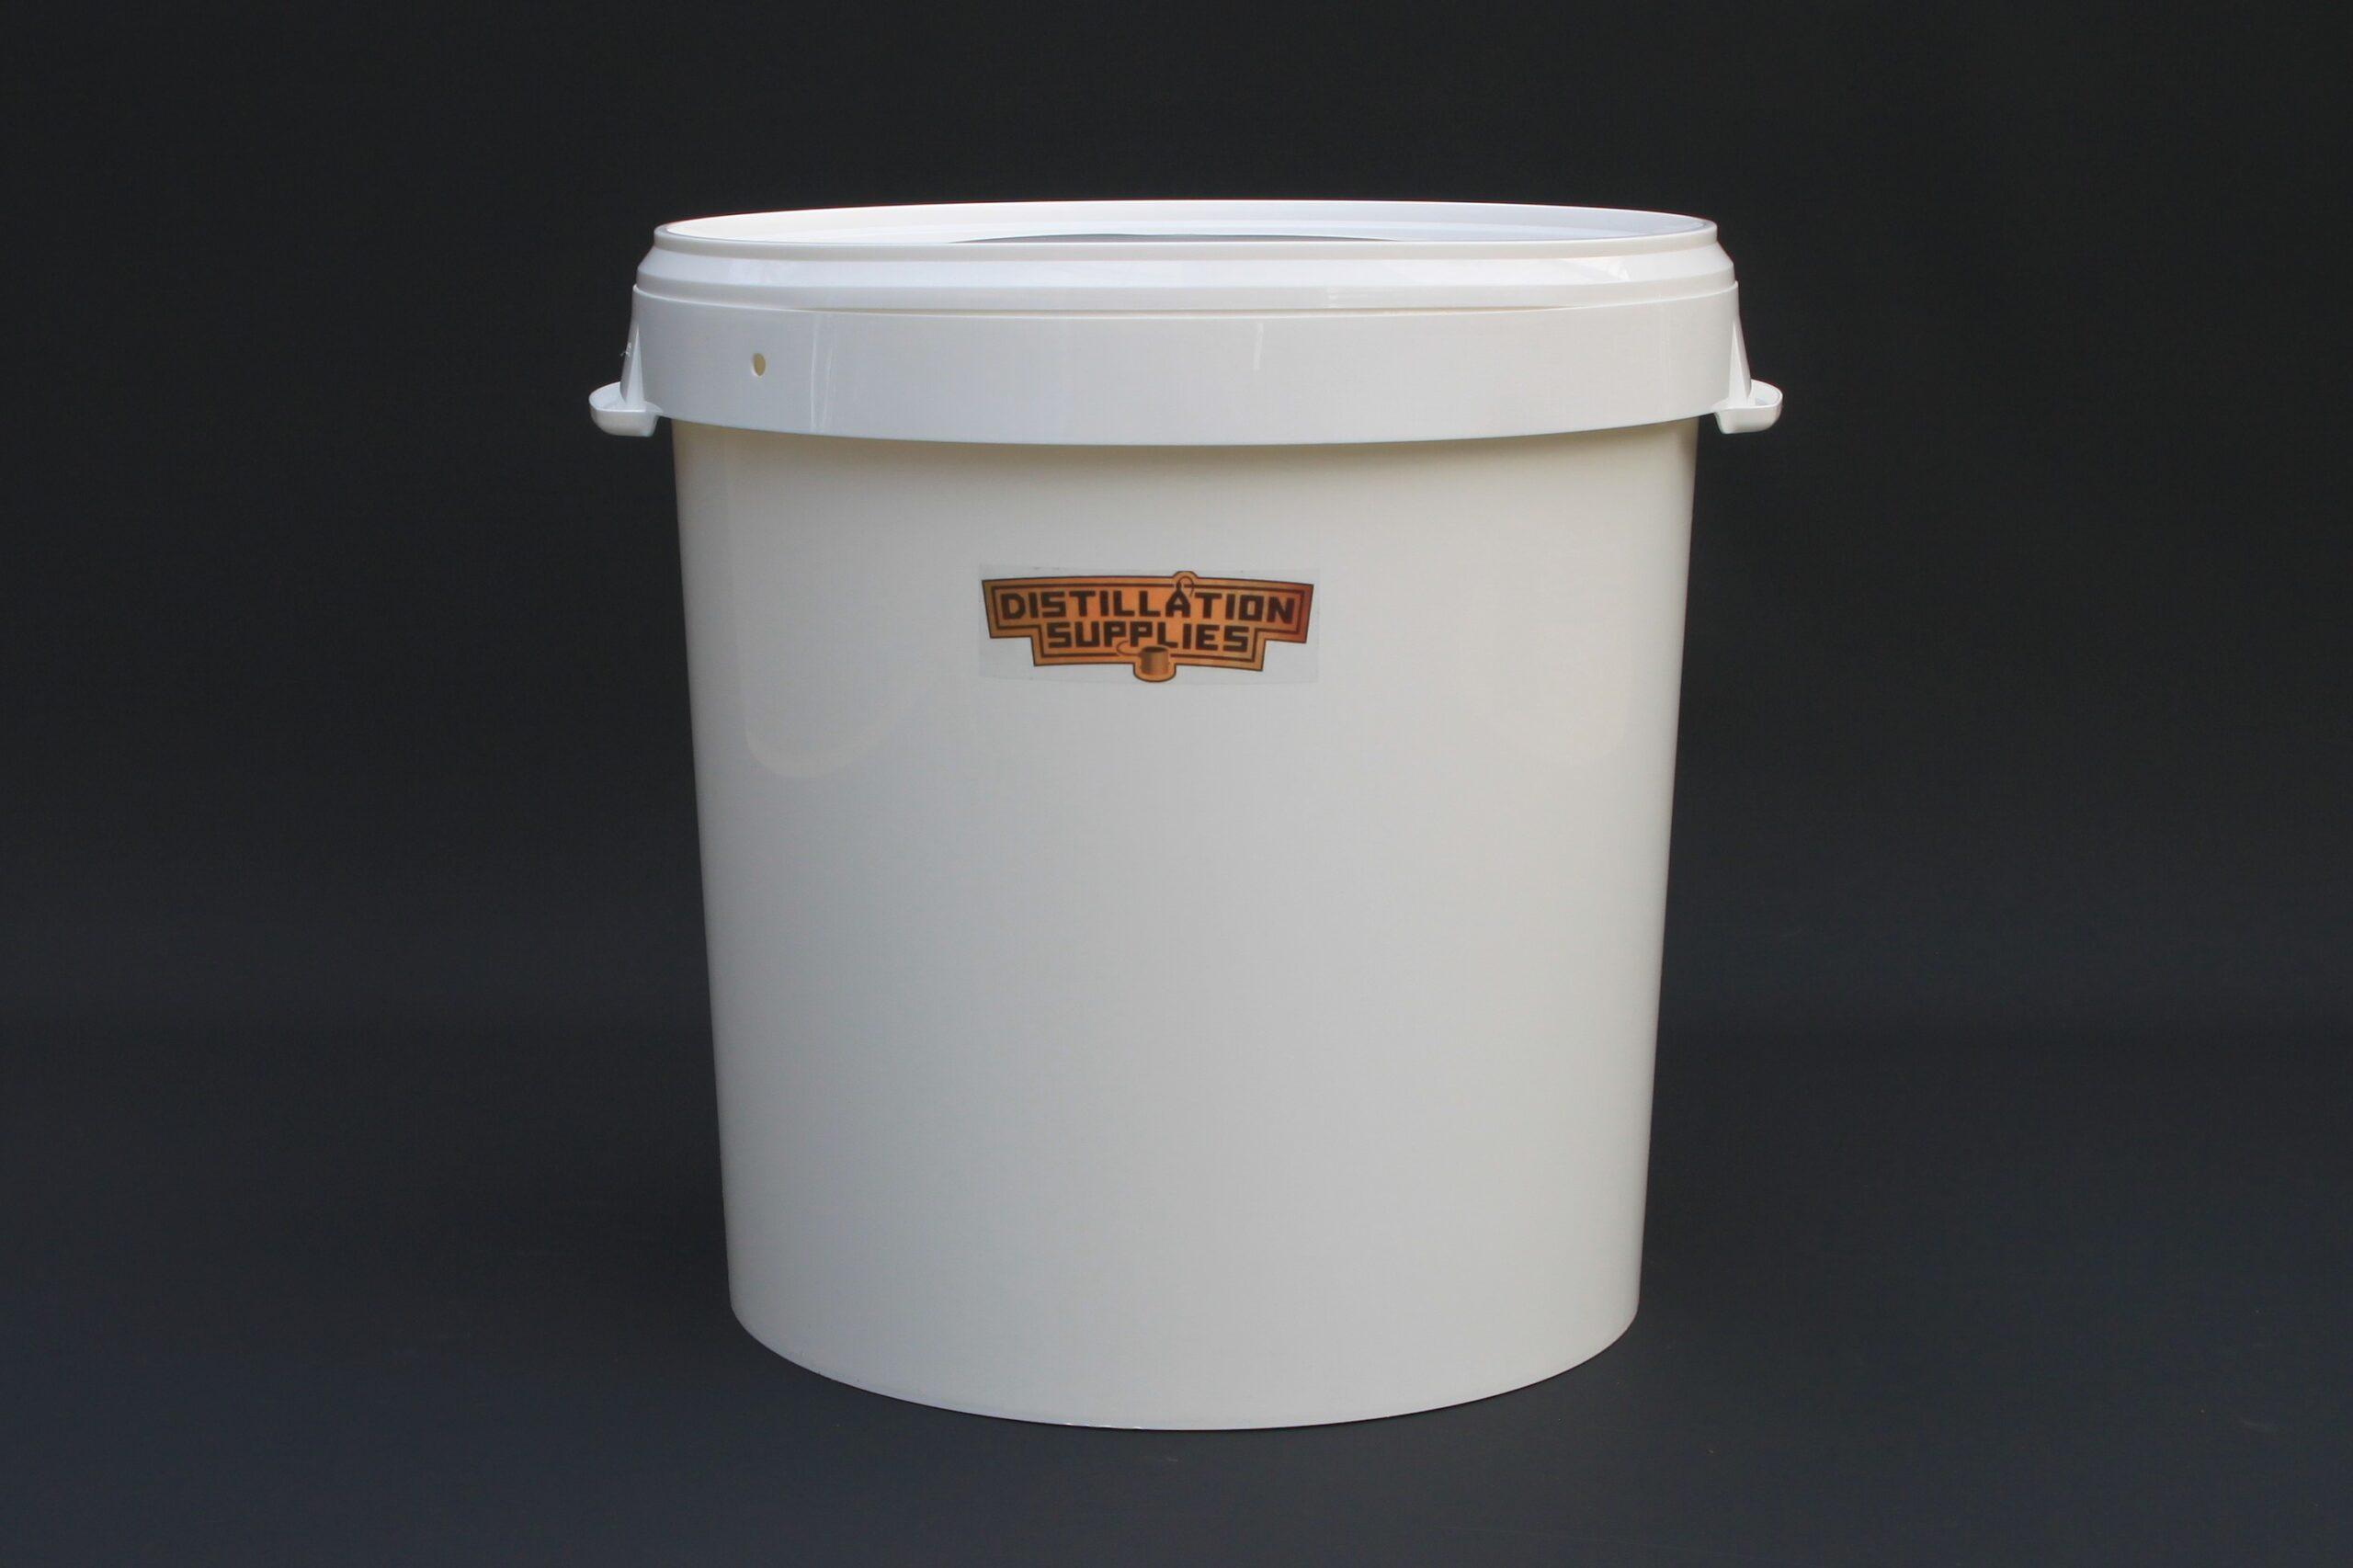 Vergistingsvat voor stookwijn | drank stoken